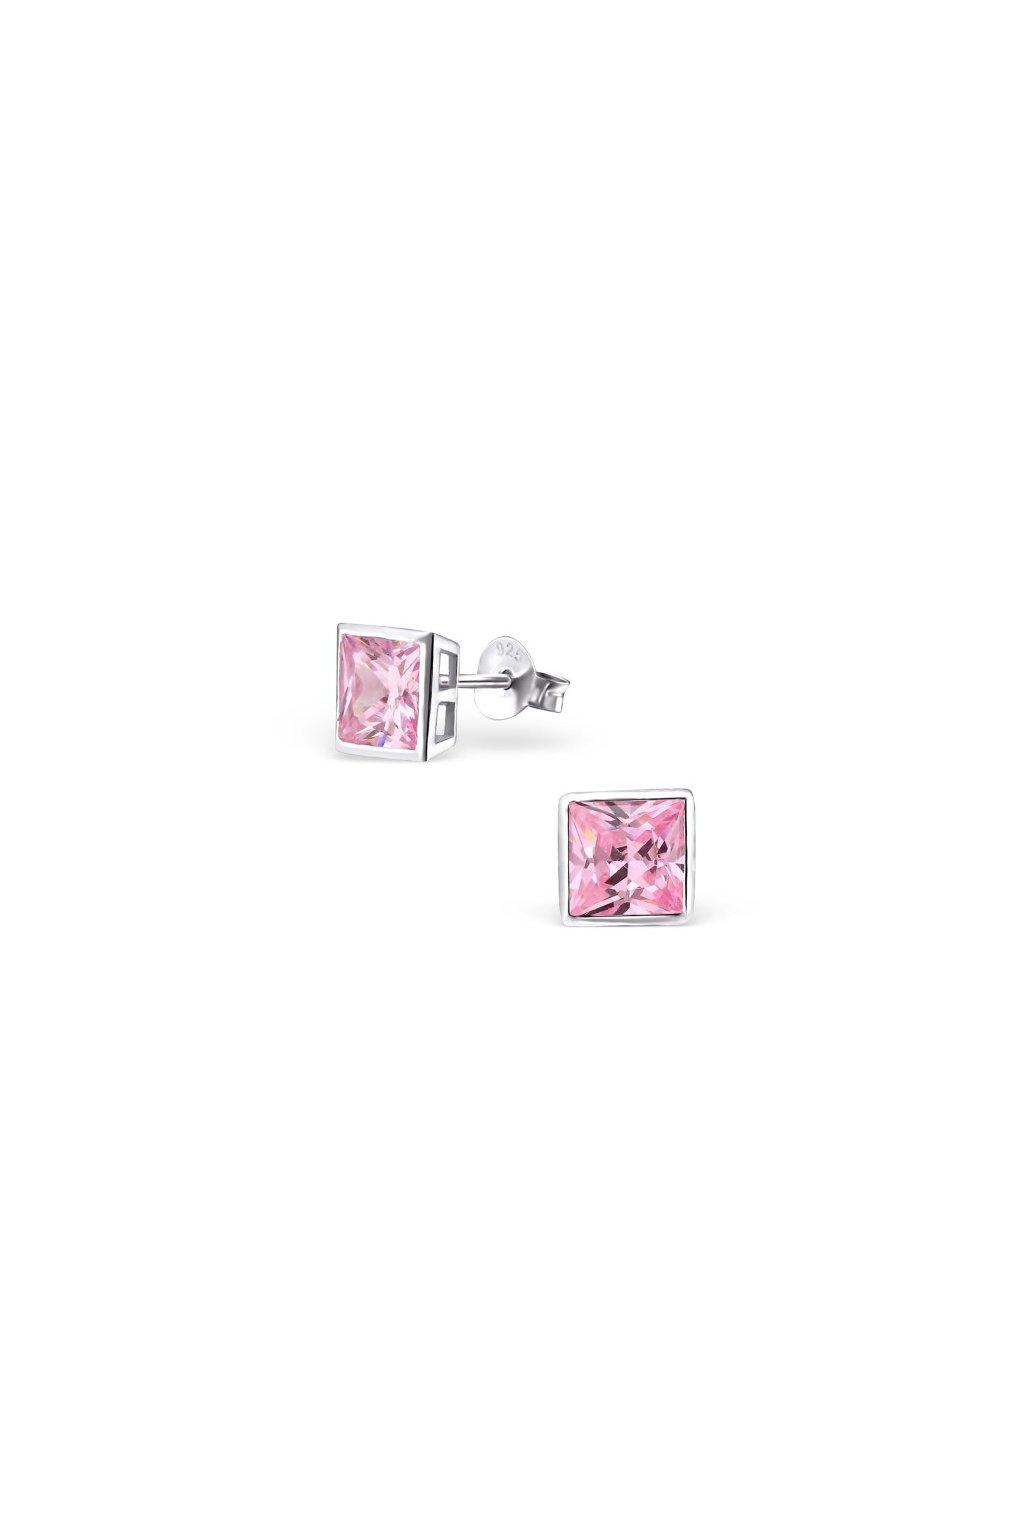 Strieborné náušnice štvorce - 925 CZ ružový kryštál MS3697